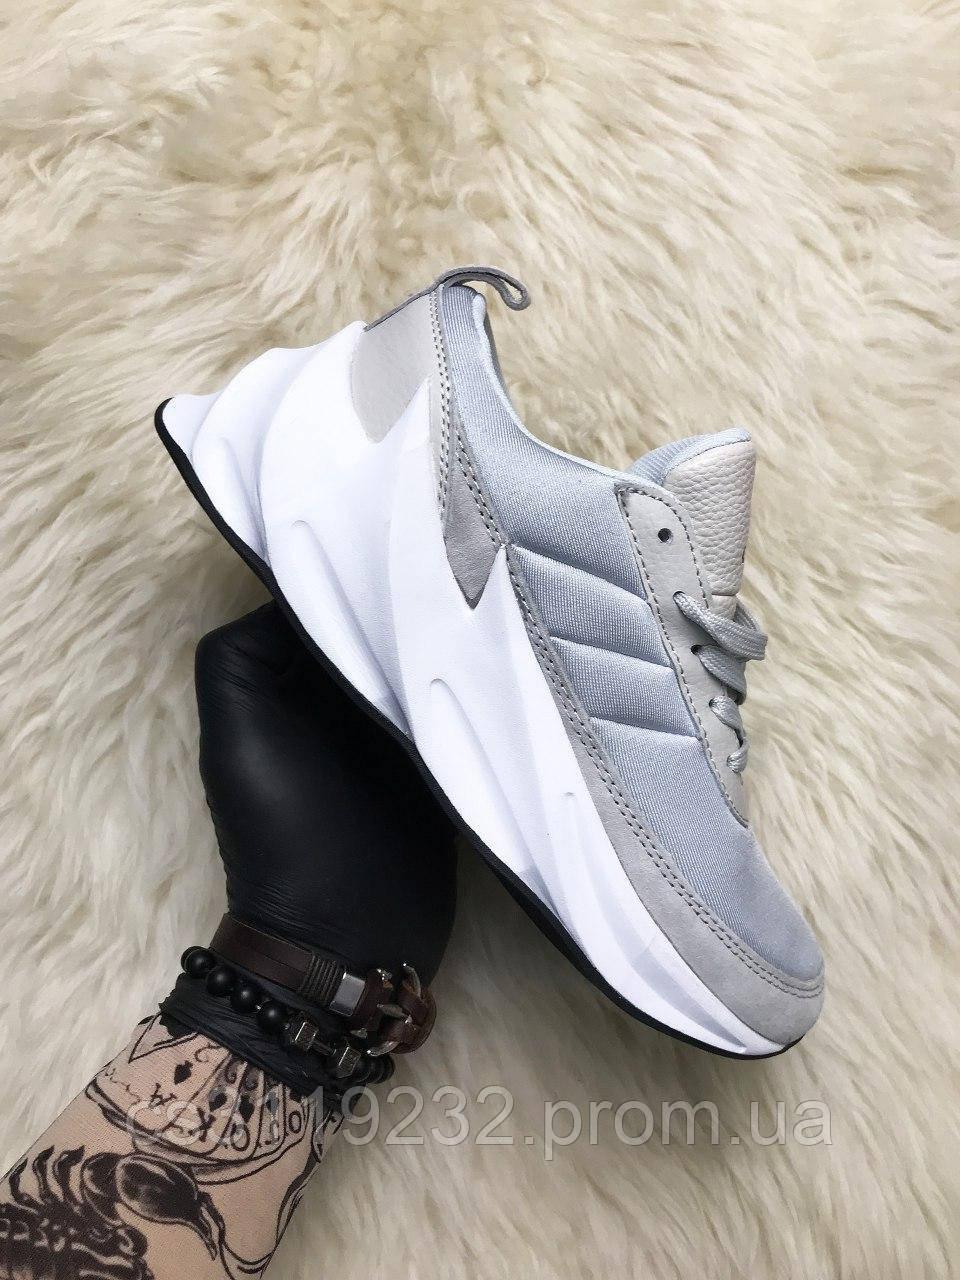 Мужские кроссовки Adidas Sharks (серые)